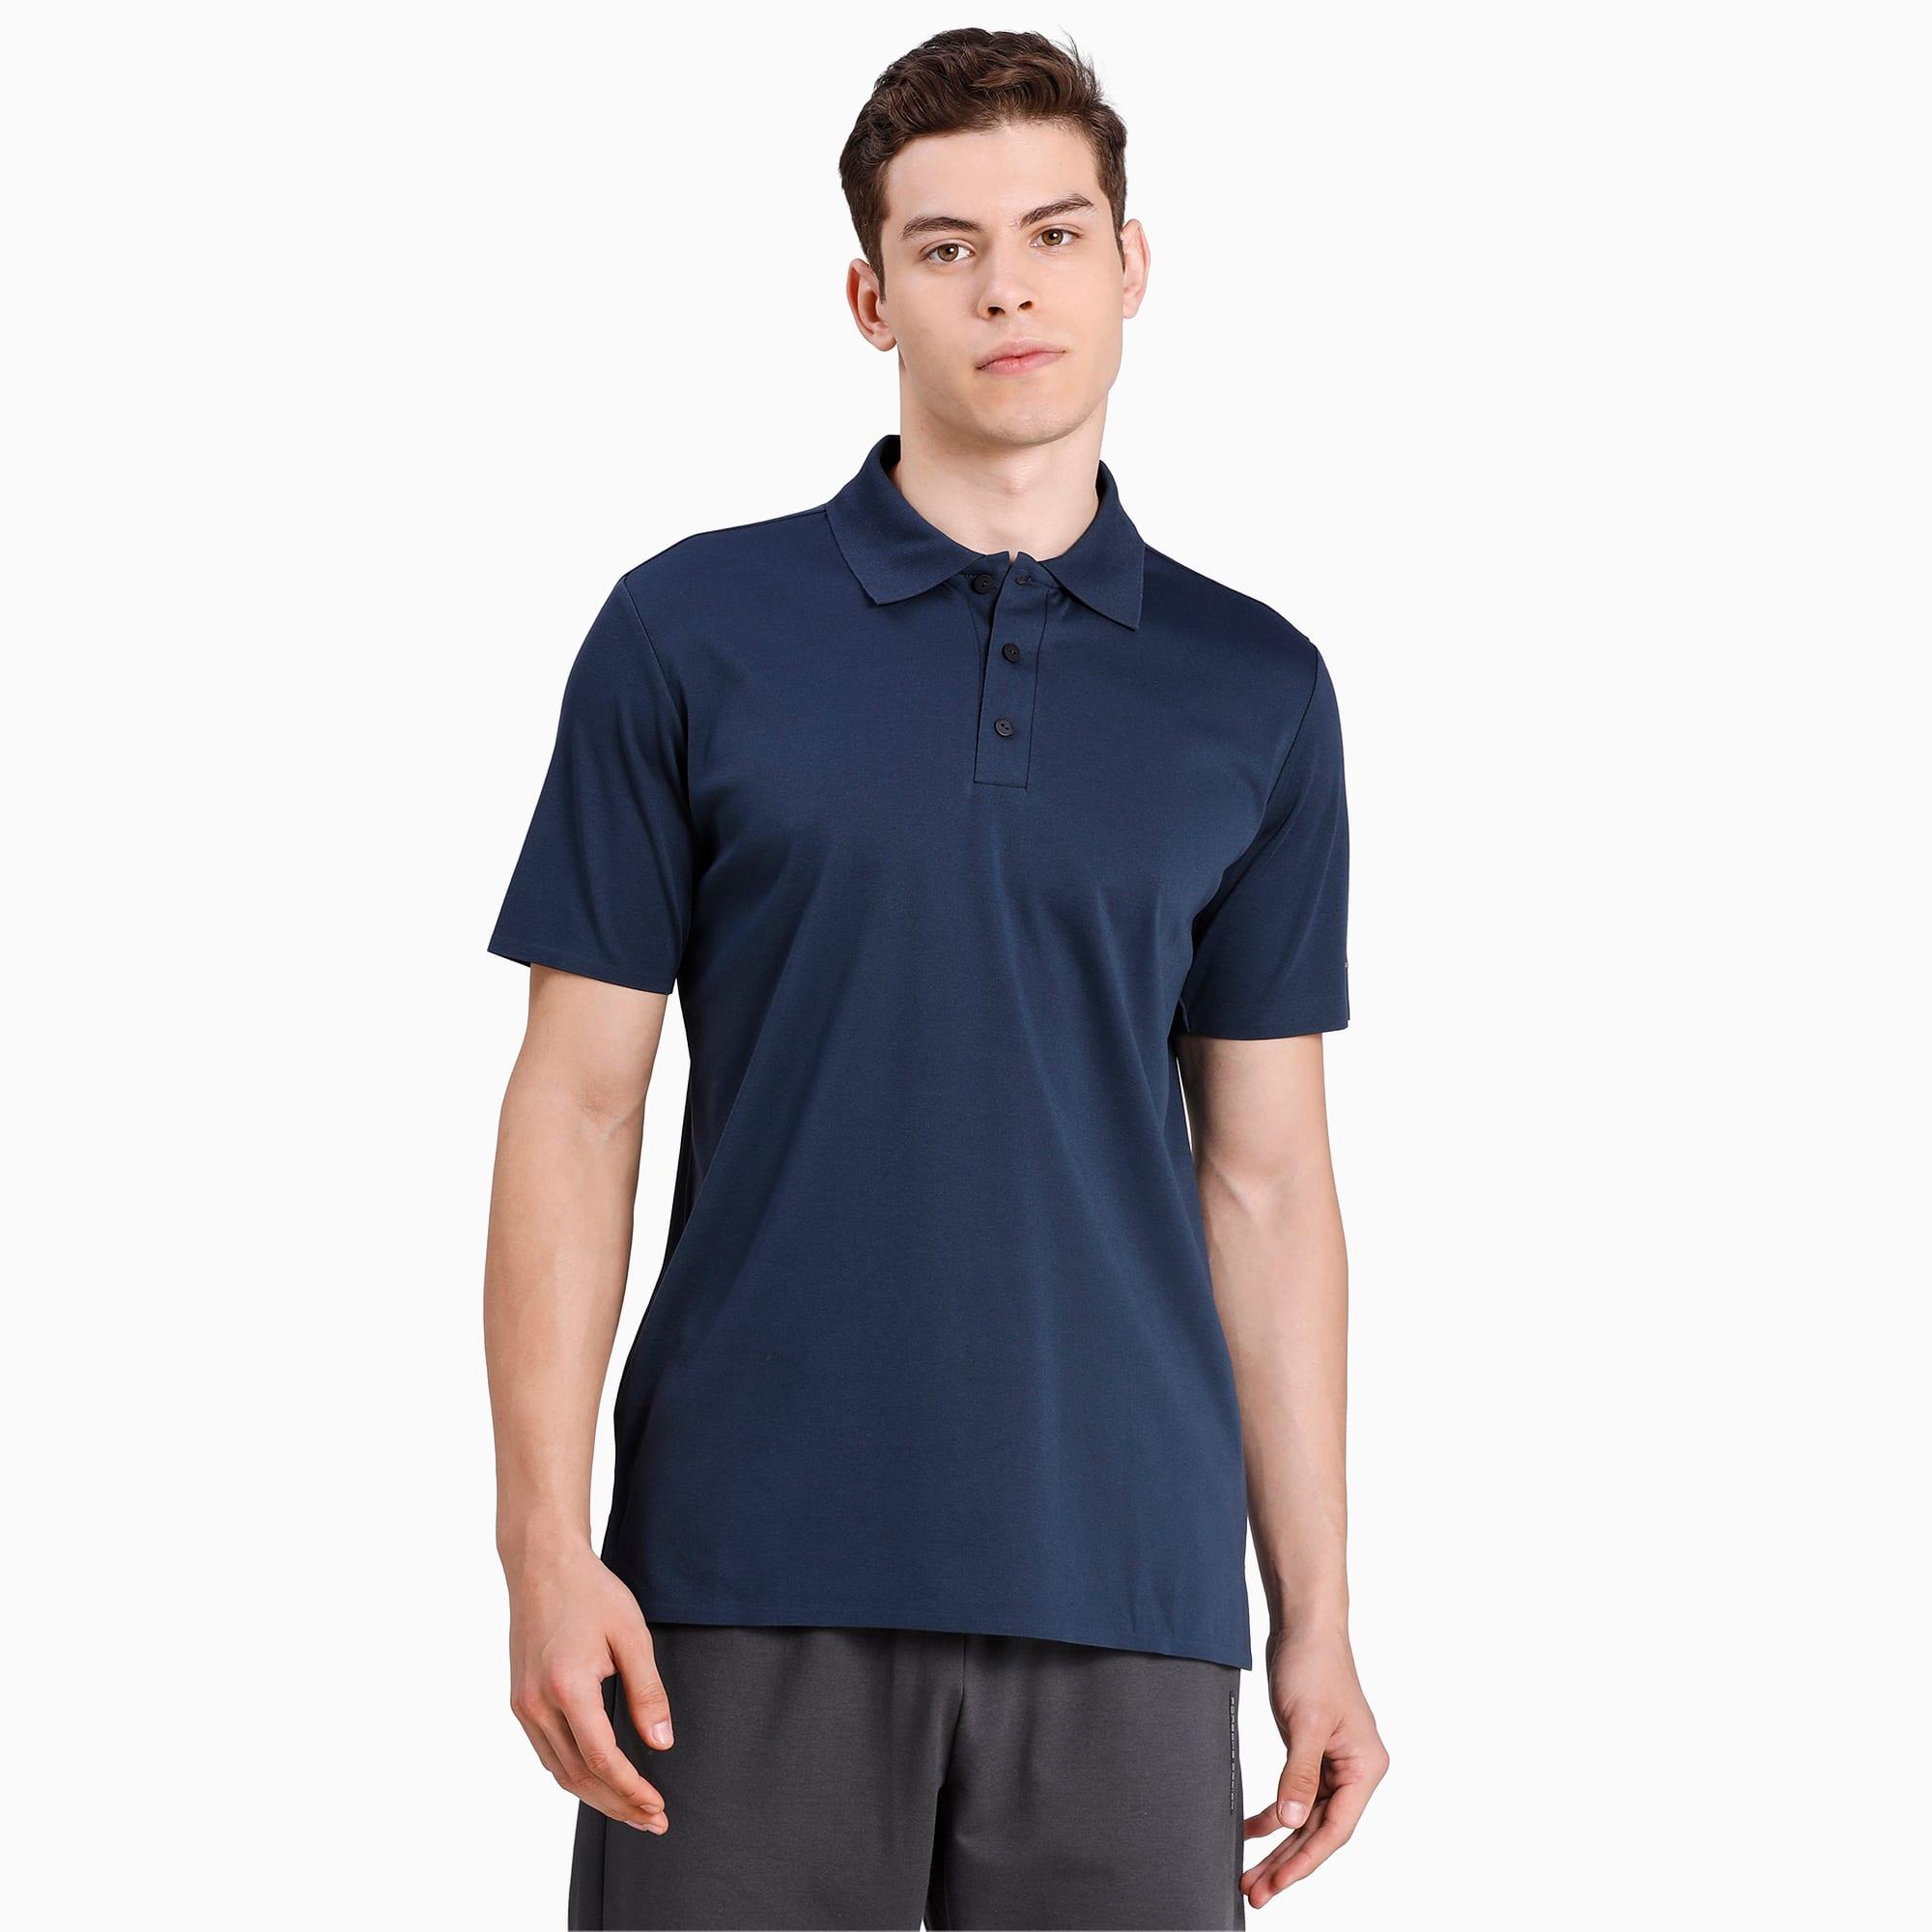 PUMA Porsche Design Herren Poloshirt | Mit Aucun | Blau | Größe: M 598216_02_M